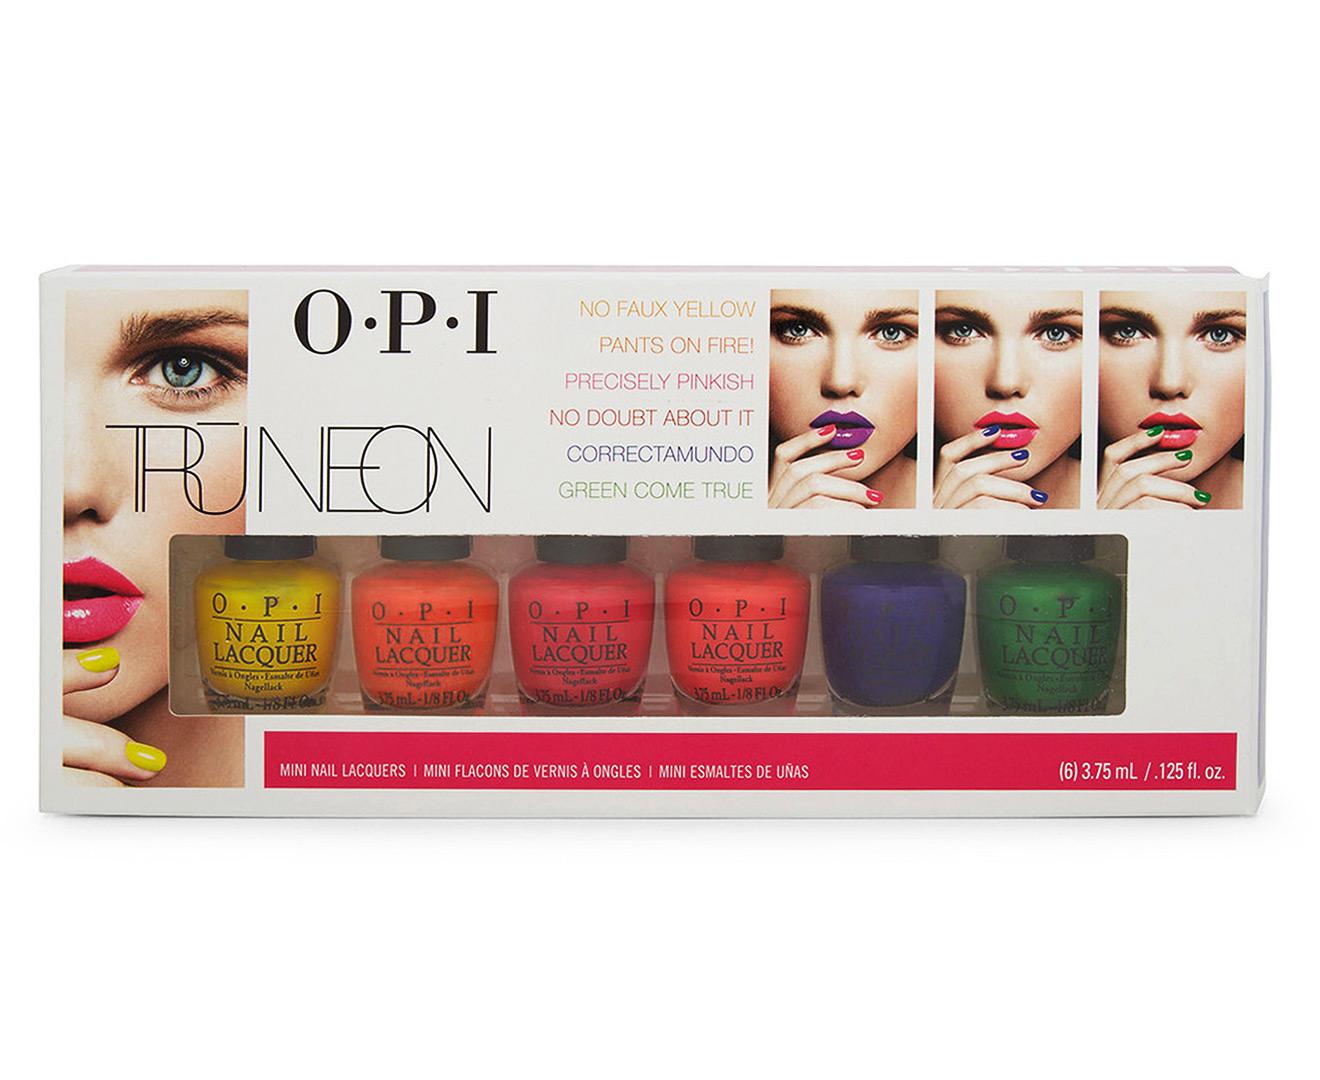 OPI Brights Tru-Neon Mini Nail Lacquer 6pk